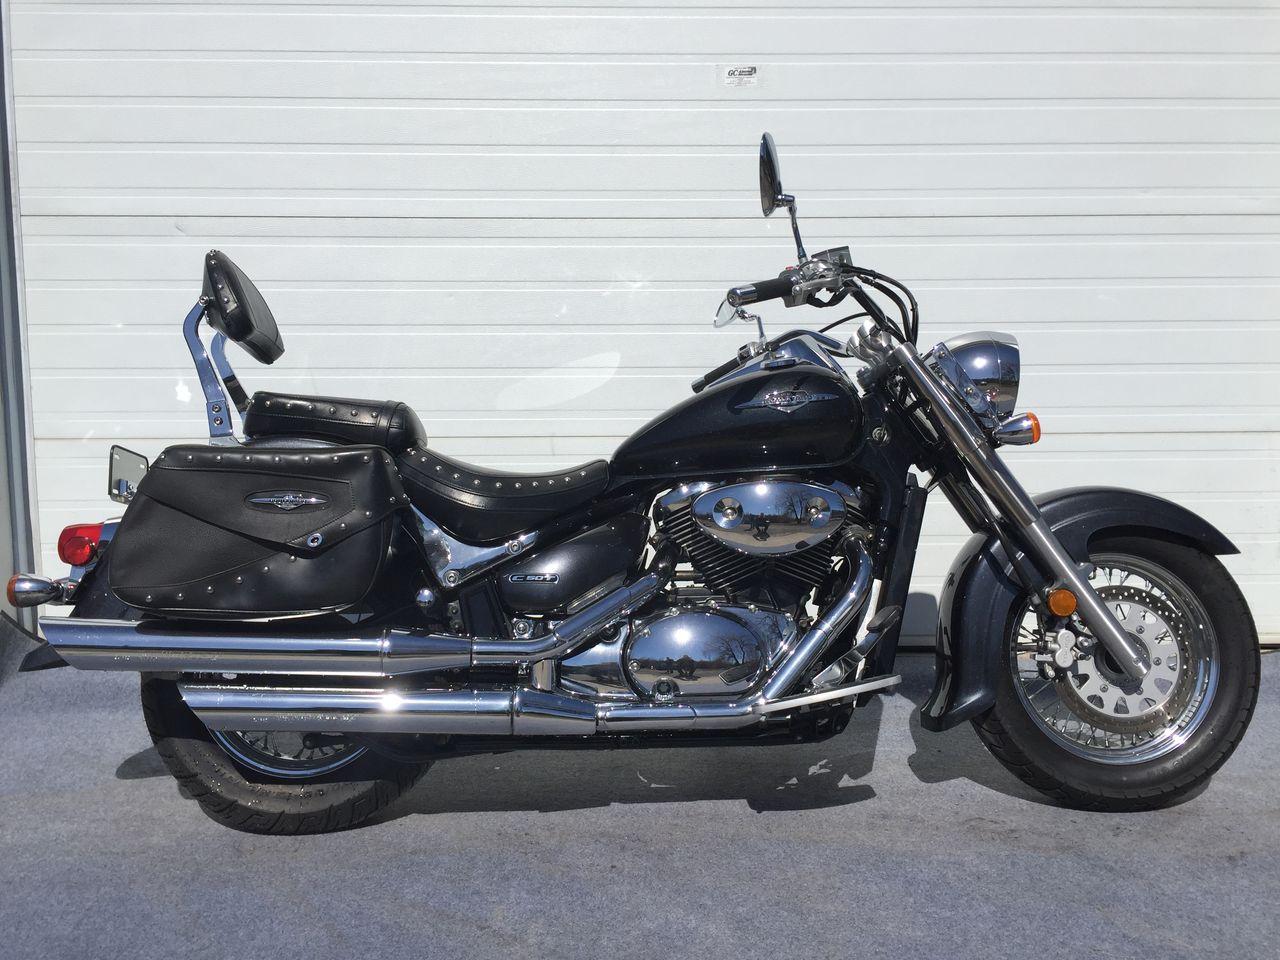 2006 Suzuki VL 800 C50T 3,995$